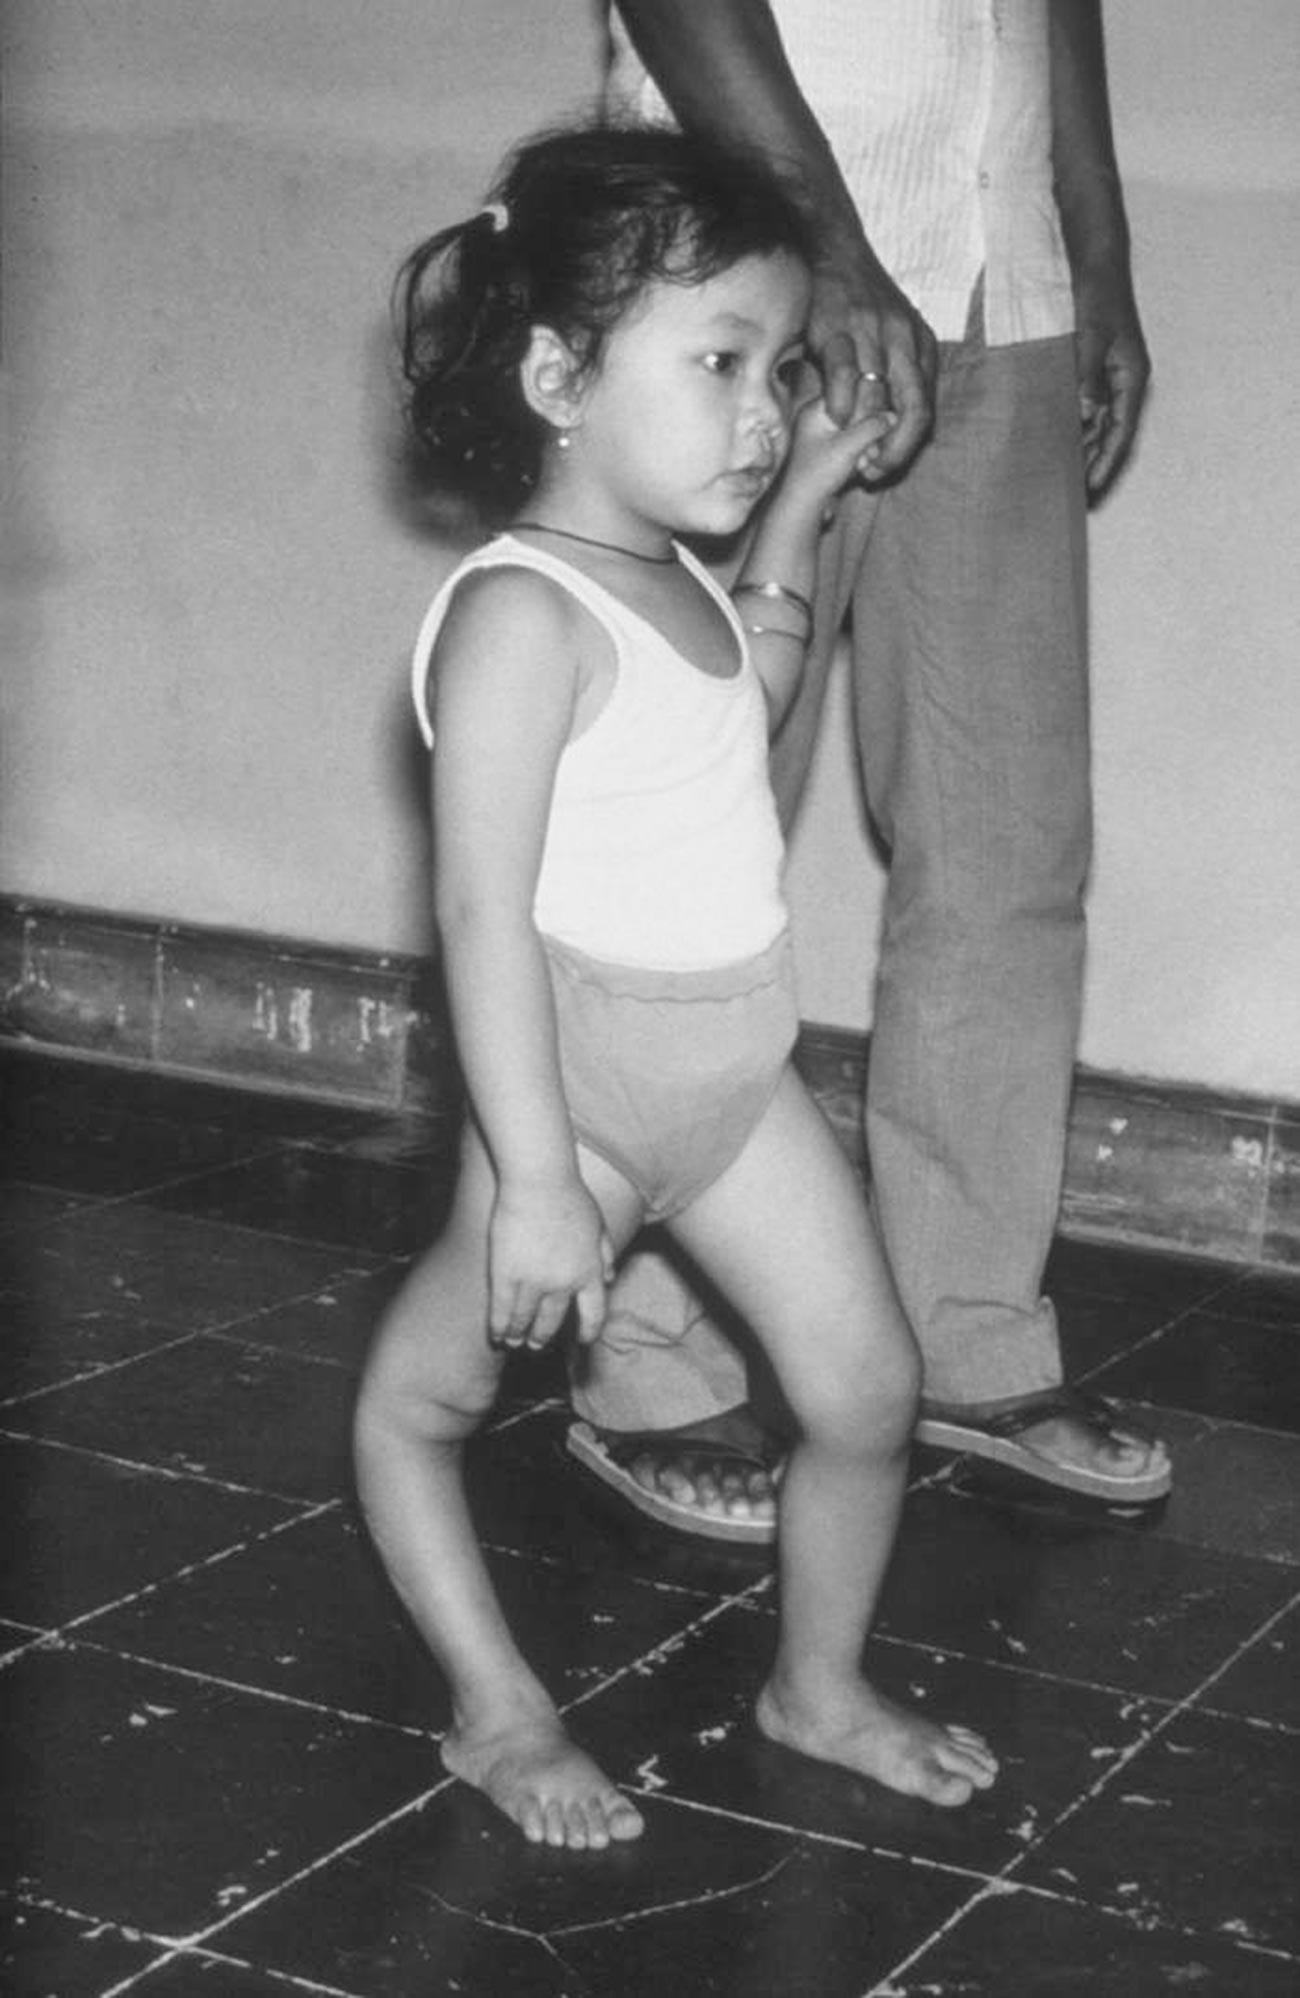 Une fille avec une déformation de sa jambe droite due à la poliomyélite